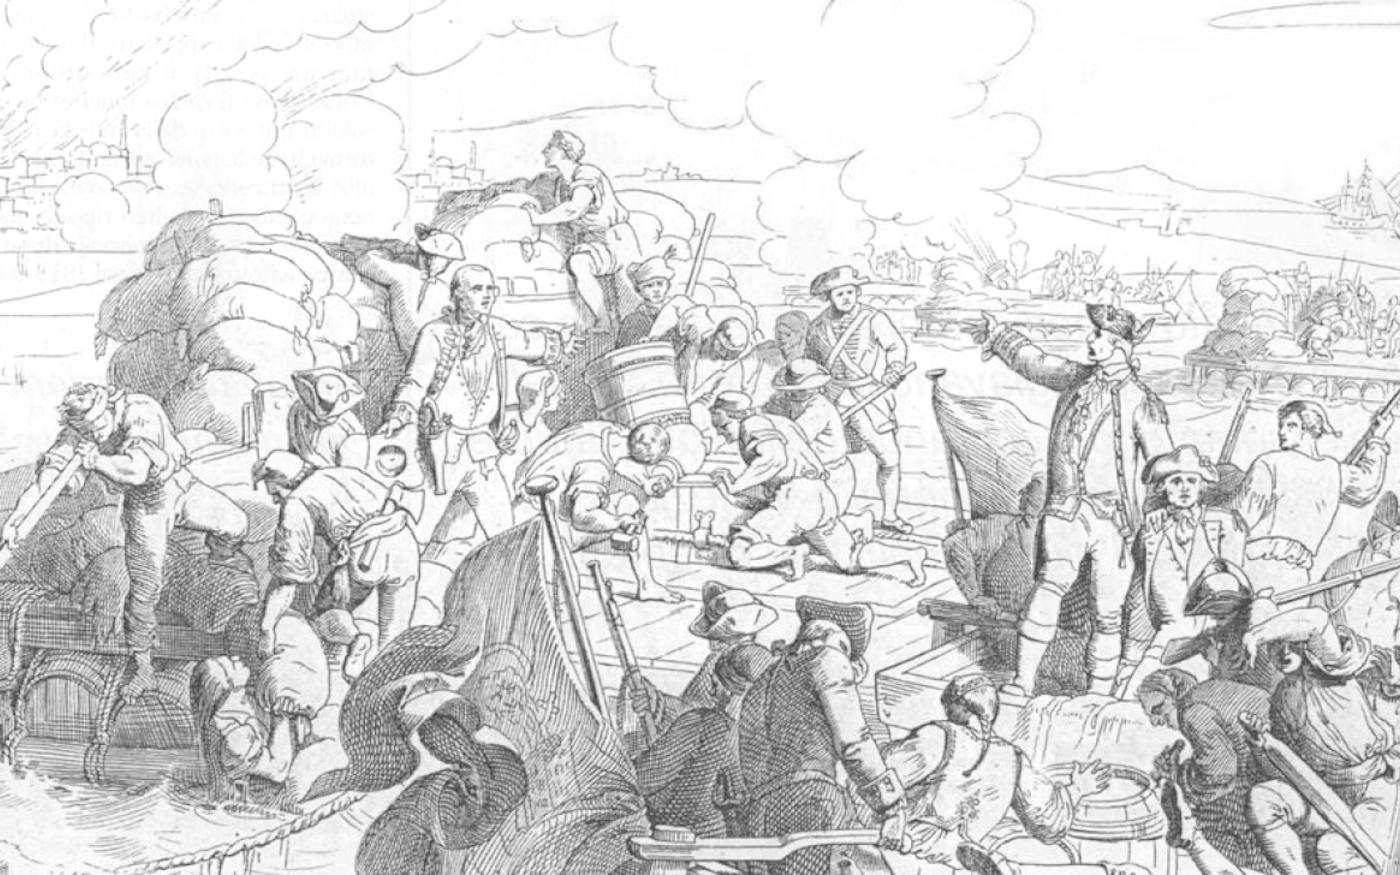 La peste a exacerbé les tensions entre Sfax et Venise: ici, les forces placées sous le commandement d'Angelo Emo bombardent le port tunisien (en haut à gauche)